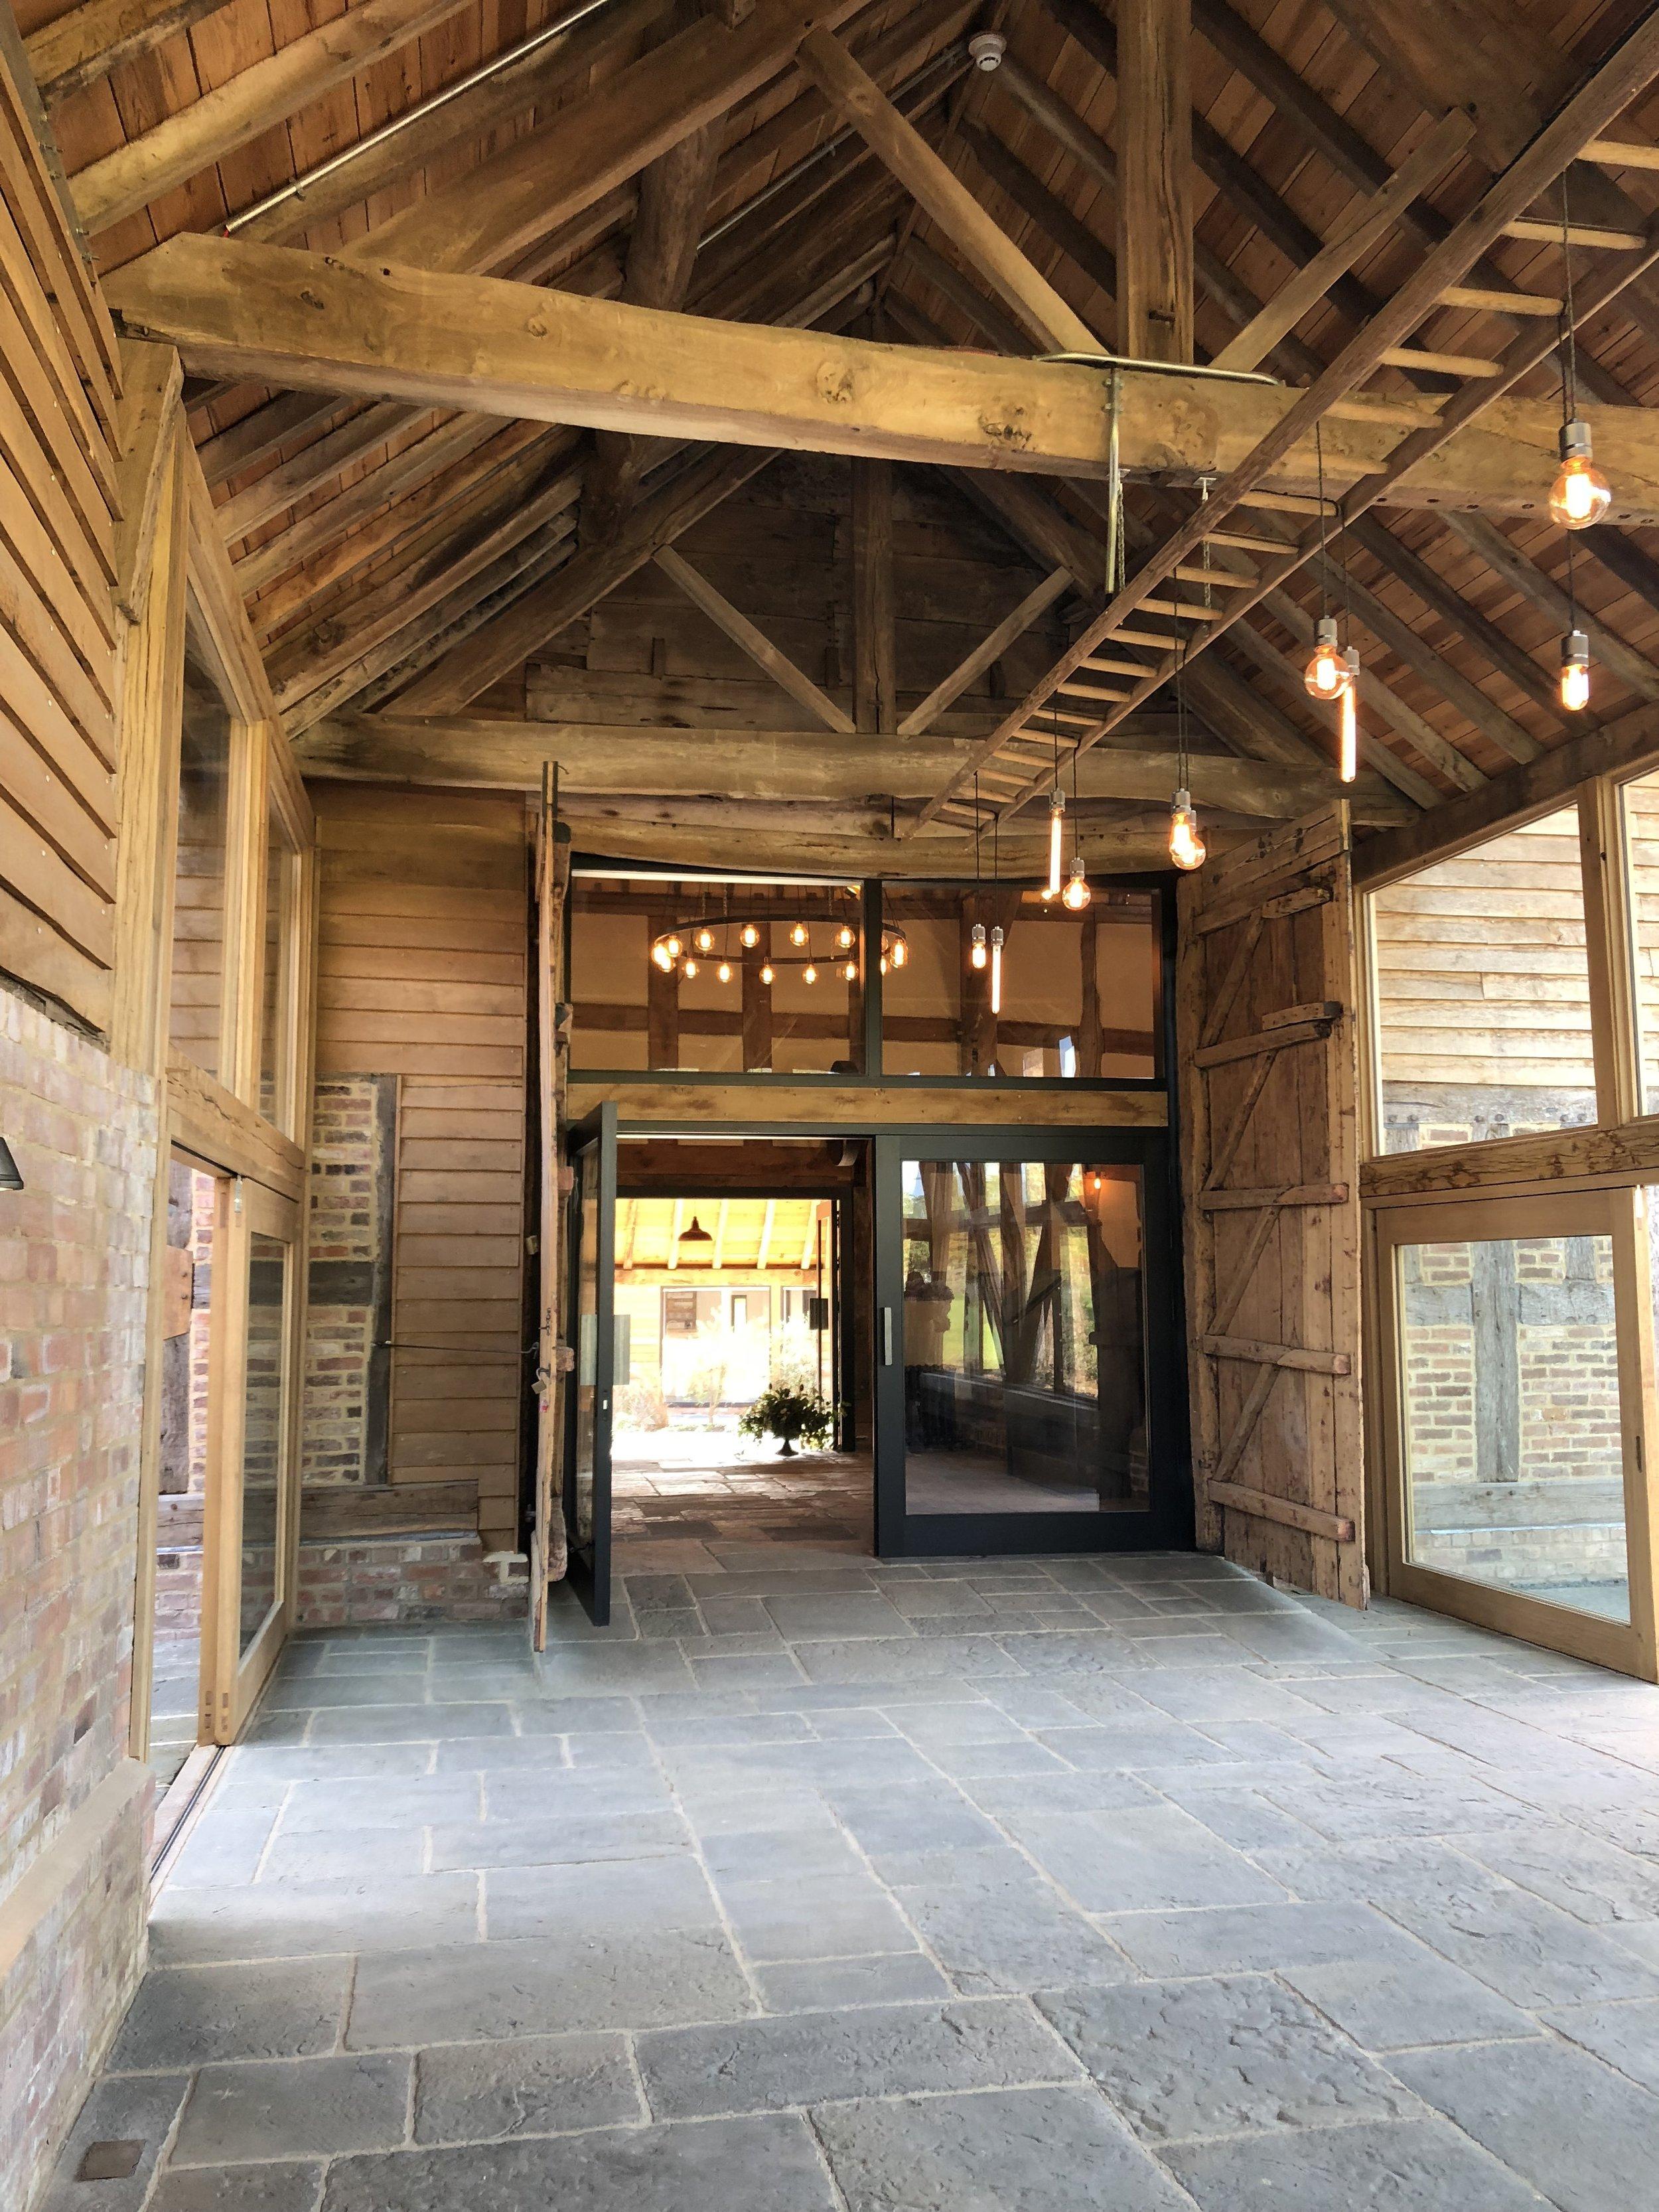 Cartshed interior 1.jpg